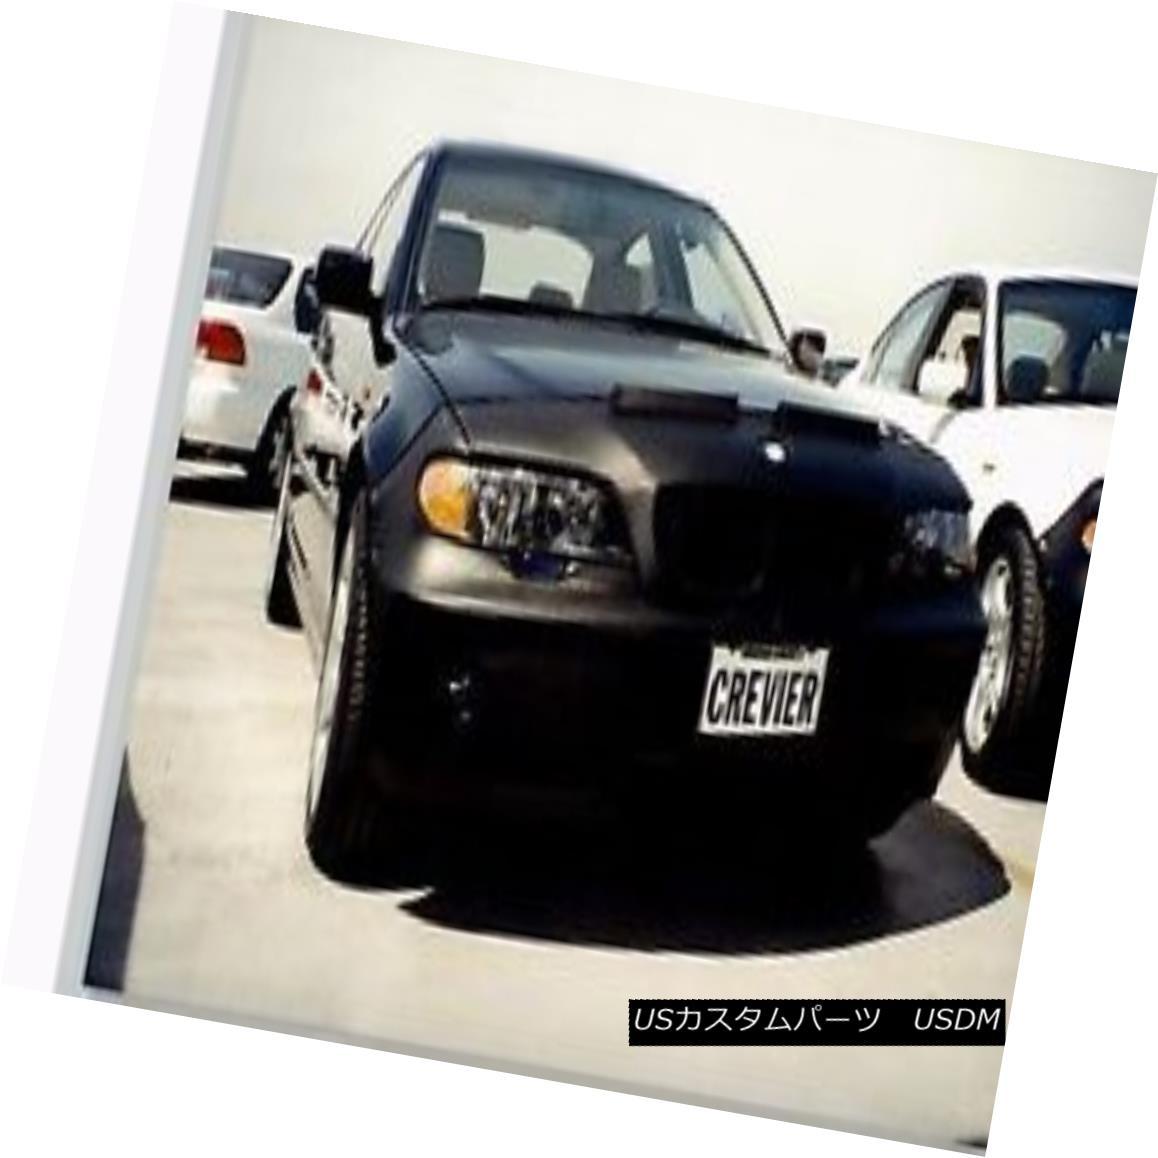 フルブラ ノーズブラ Colgan Front End Mask Bra 2pc. Fits BMW 330i & 330xi 02-05 W/License & washers コルガンフロントエンドマスクブラ2pc BMW 330i& 330xi 02-05 W / License& amp; ワッシャー